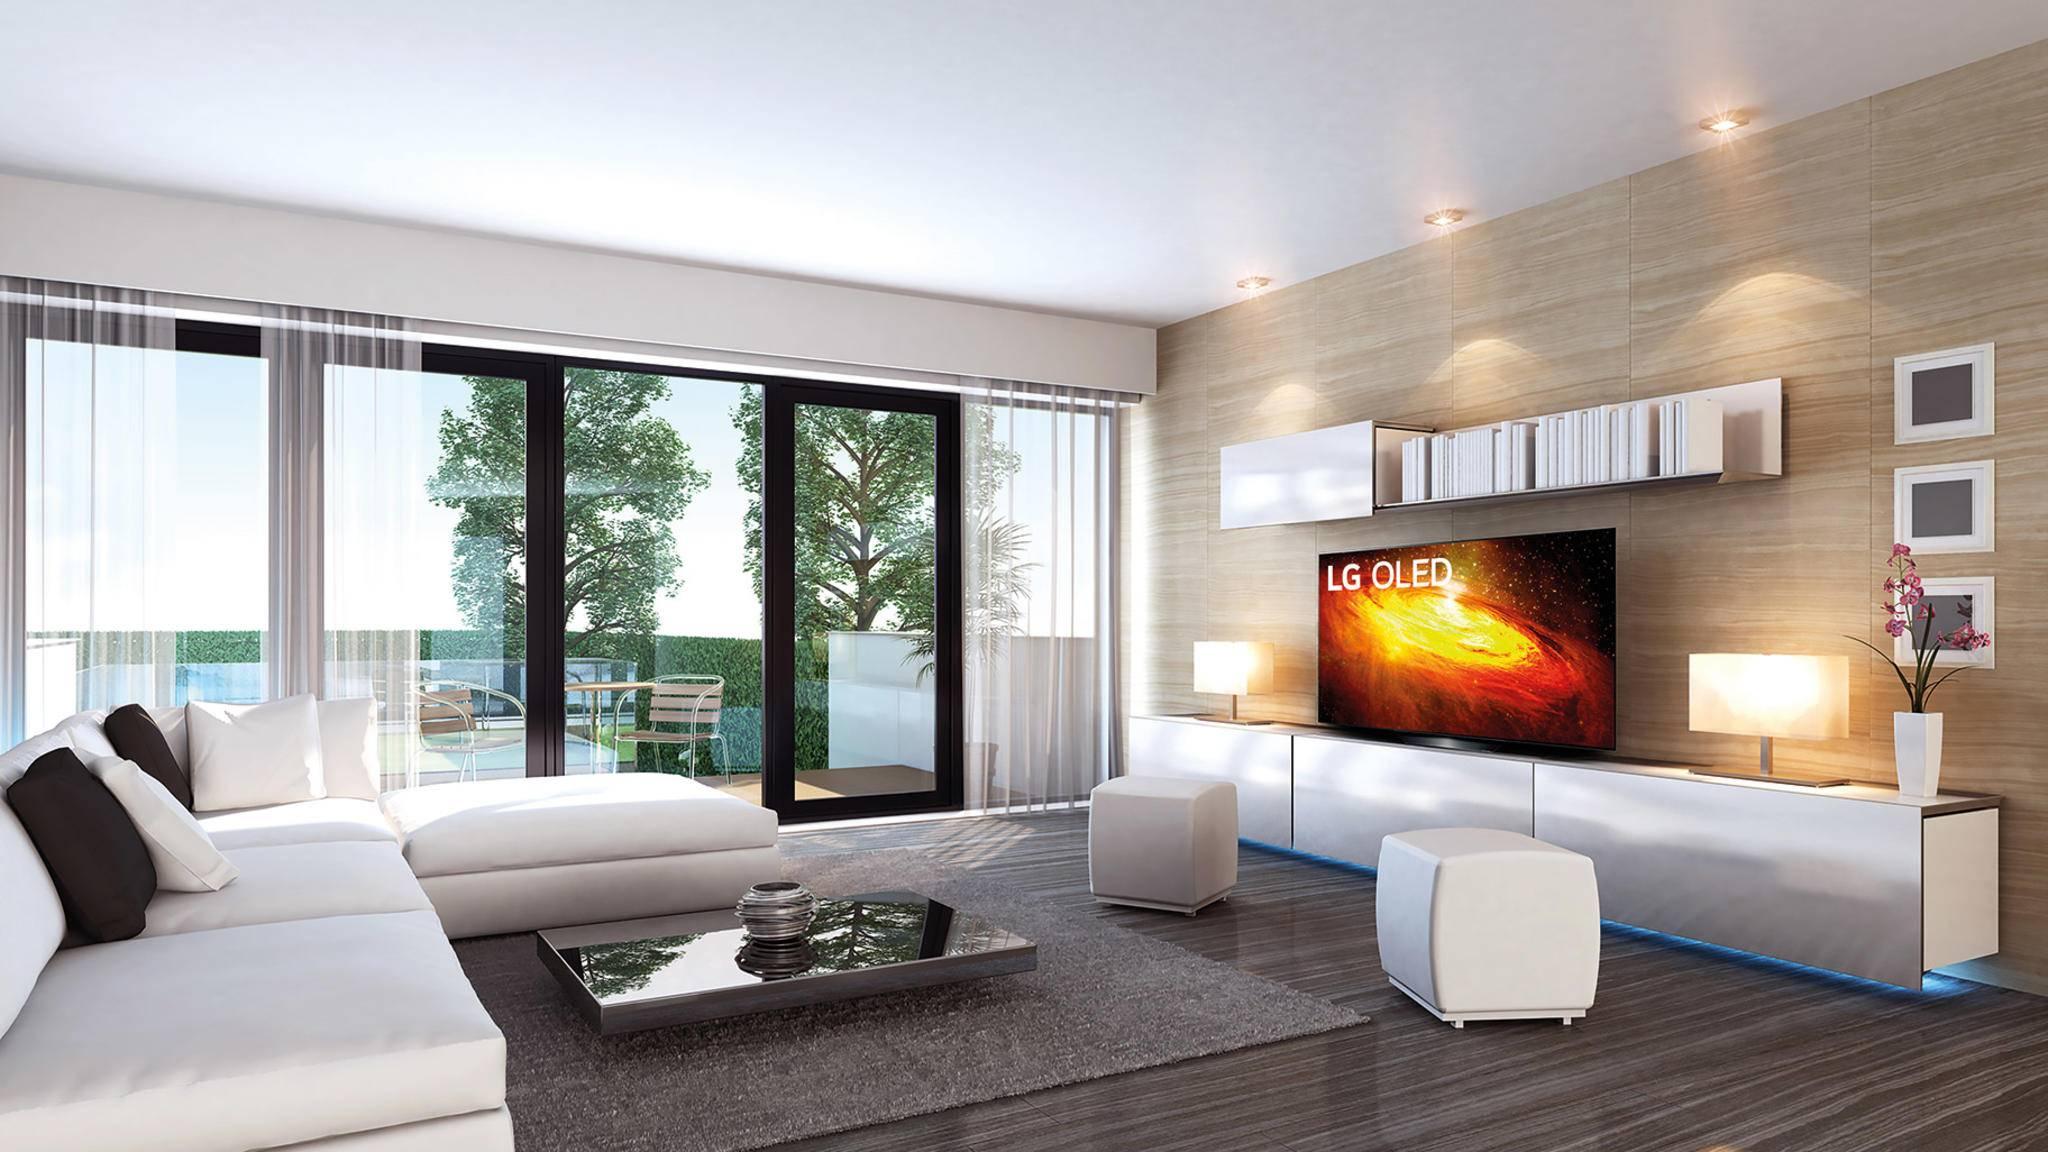 Schick, brillantes Bild, vollgepackt mit raffinierten Features: der OLED-TV von LG.